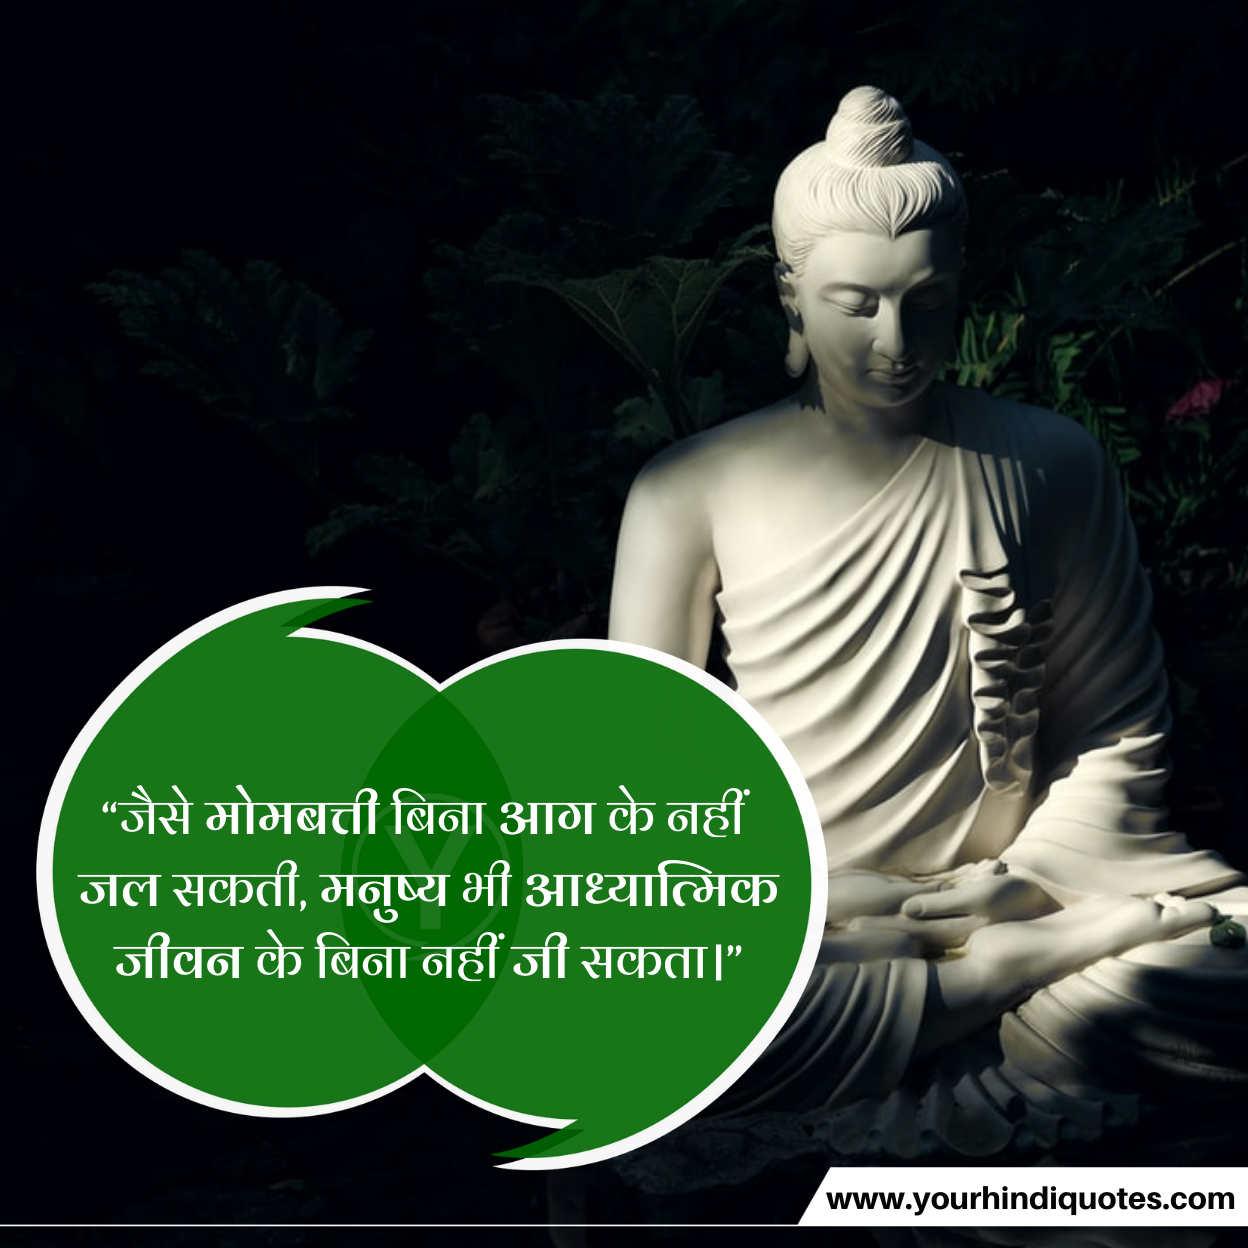 Gautam Buddha Updesh Hindi Image